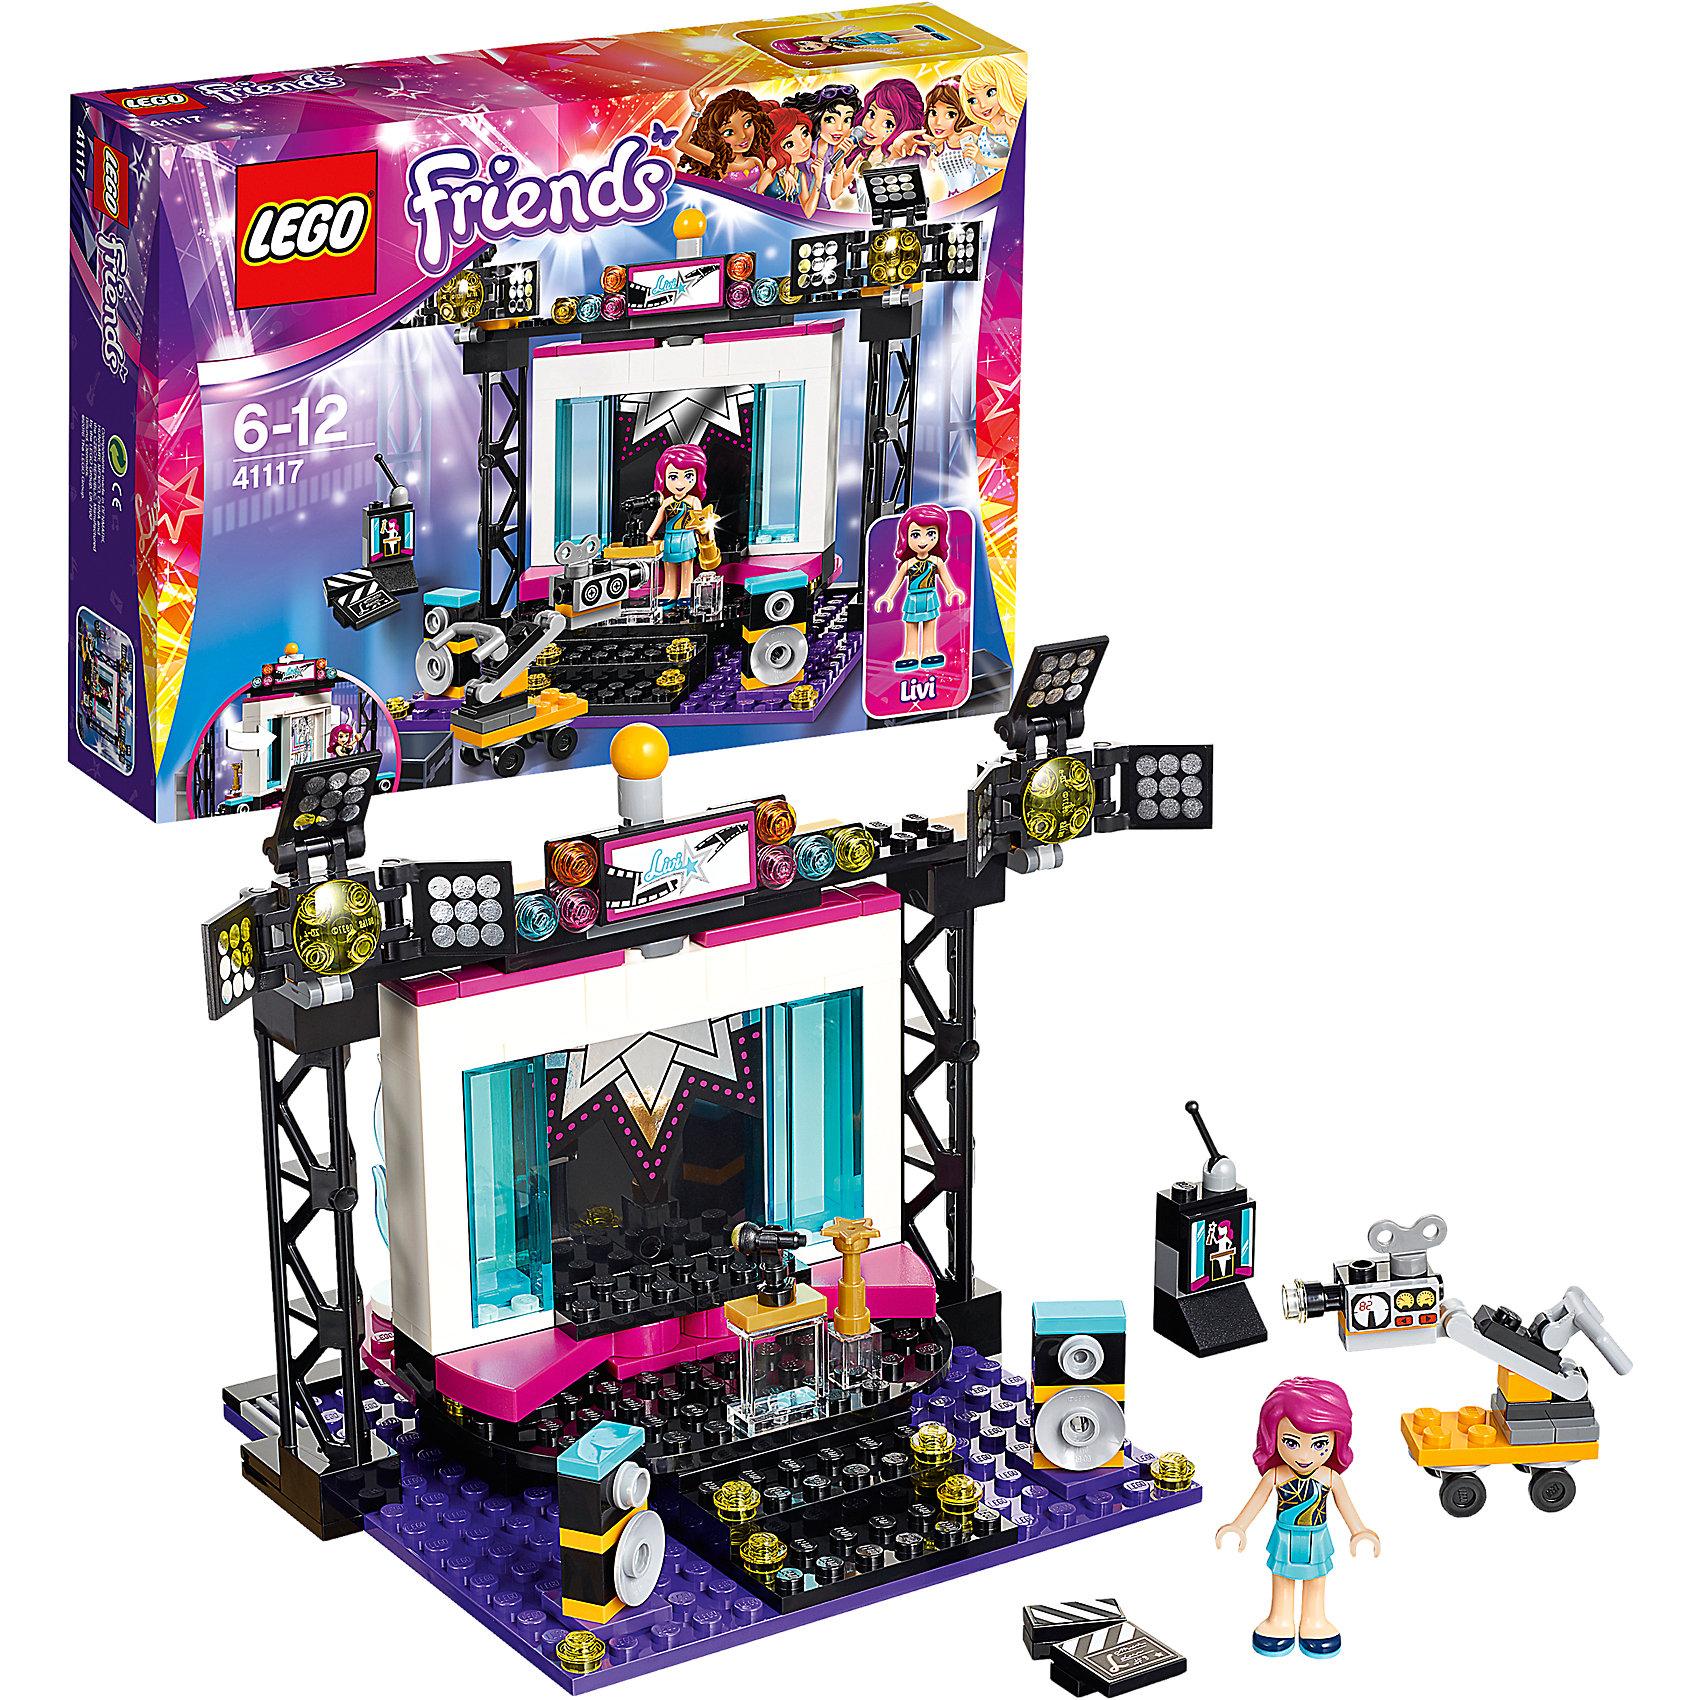 LEGO LEGO Friends 41117: Поп-звезда: телестудия